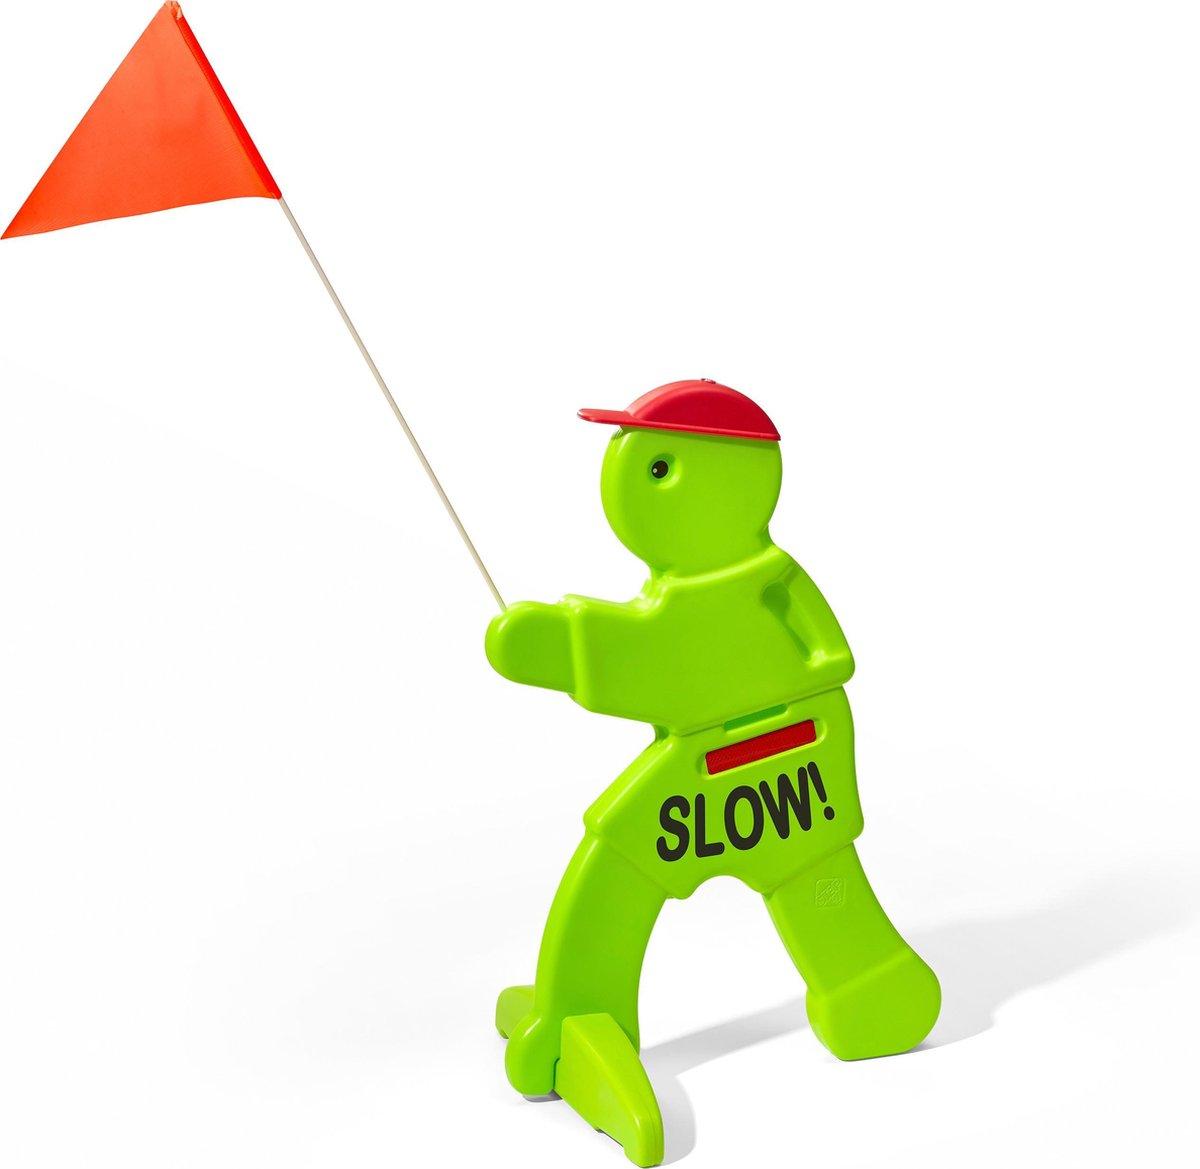 Victor Veilig met Rode Waarschuwingsvlag - Verkeersmaatje groen - Kid Alert